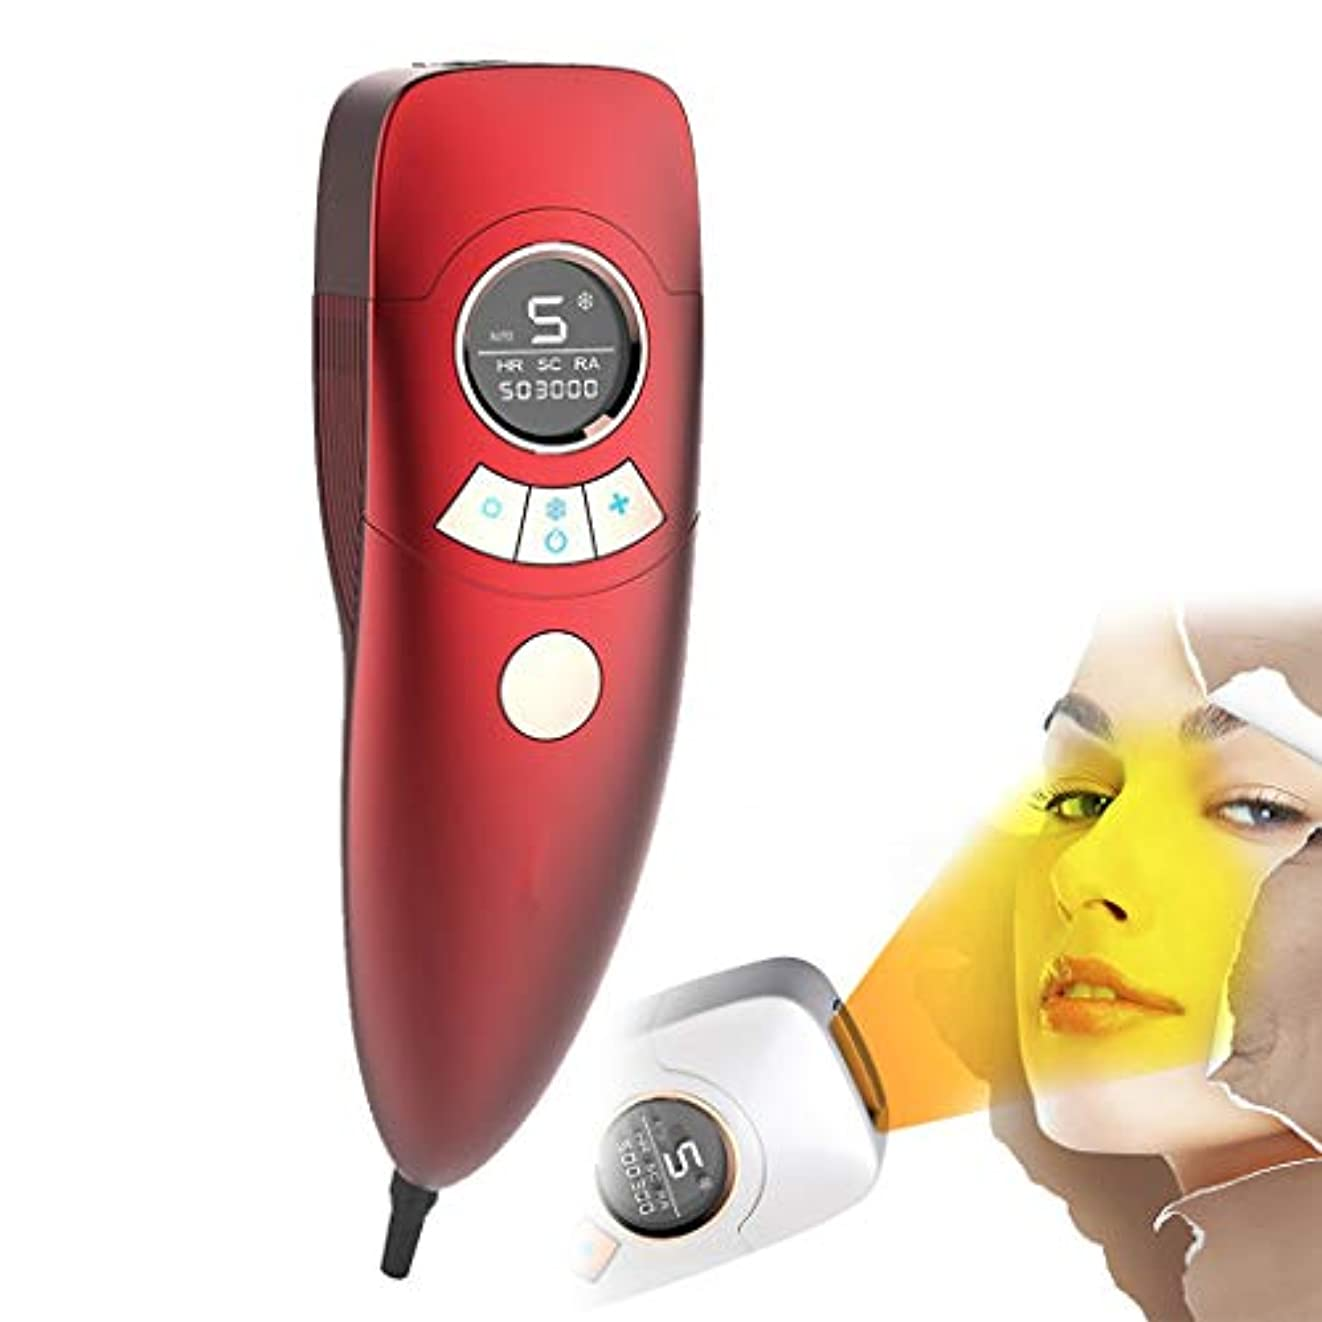 肥沃な焼くフレア電気脱毛装置は痛みがありません女性4で1充電式電気脱毛器の髪、ビキニエリア鼻脇の下腕の脚の痛みのない永久的な体毛リムーバー-red